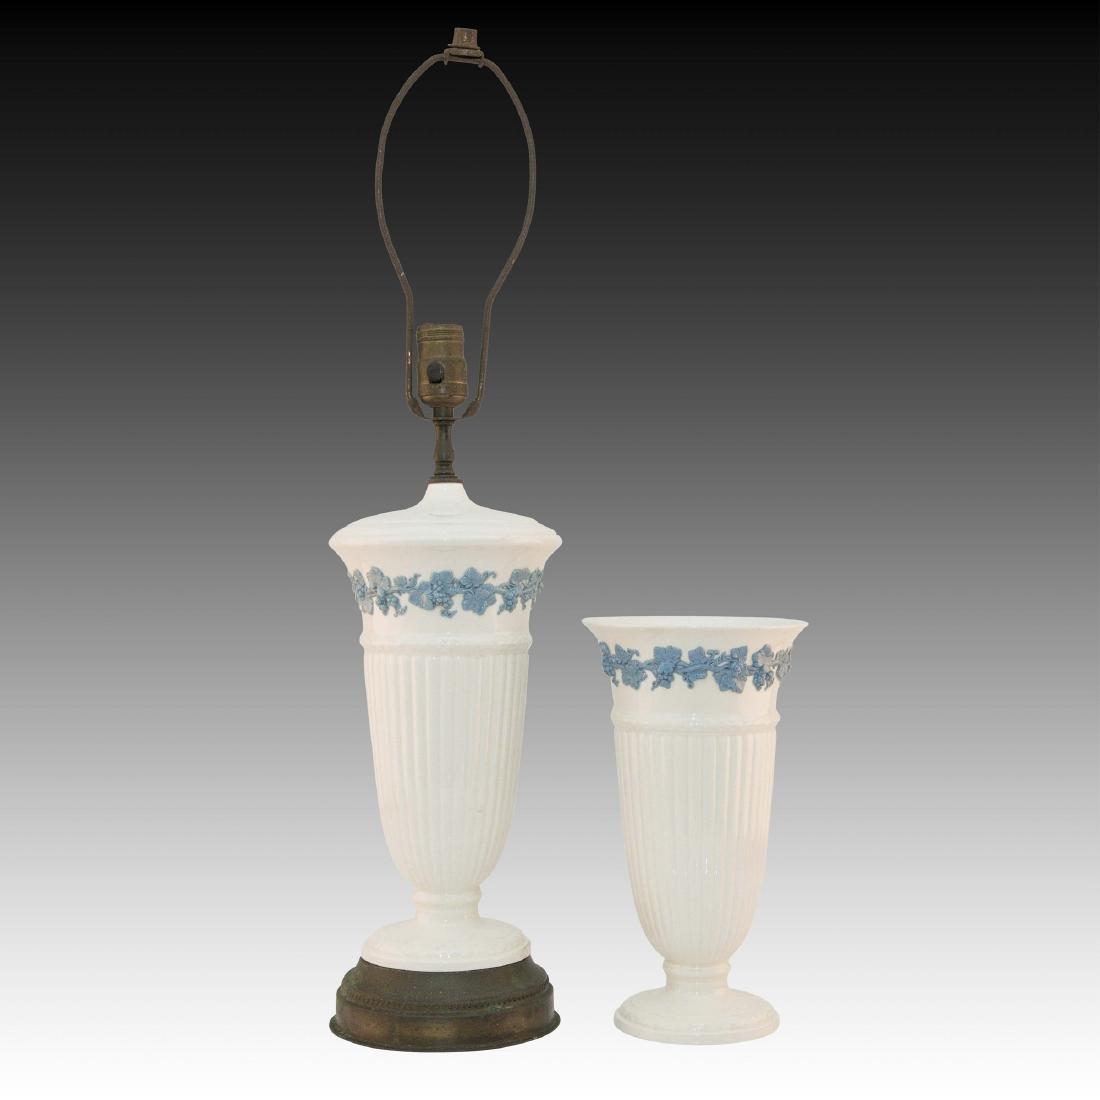 2 Wedgwood Embossed Queensware Vase & Lamp